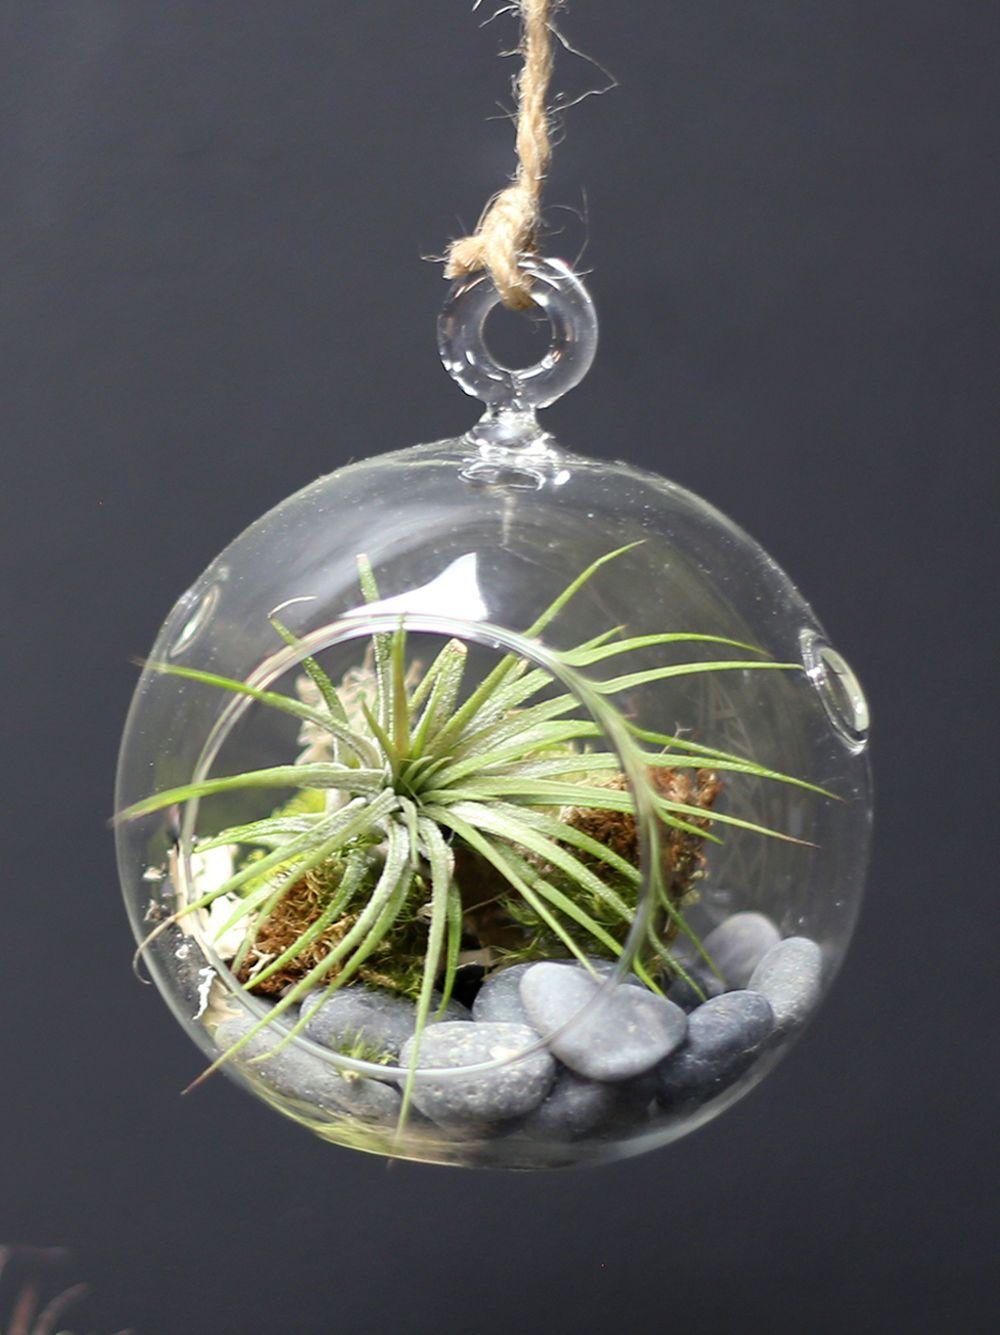 Hanging Orb Terrarium Kit Gardener's Supply Terrarium